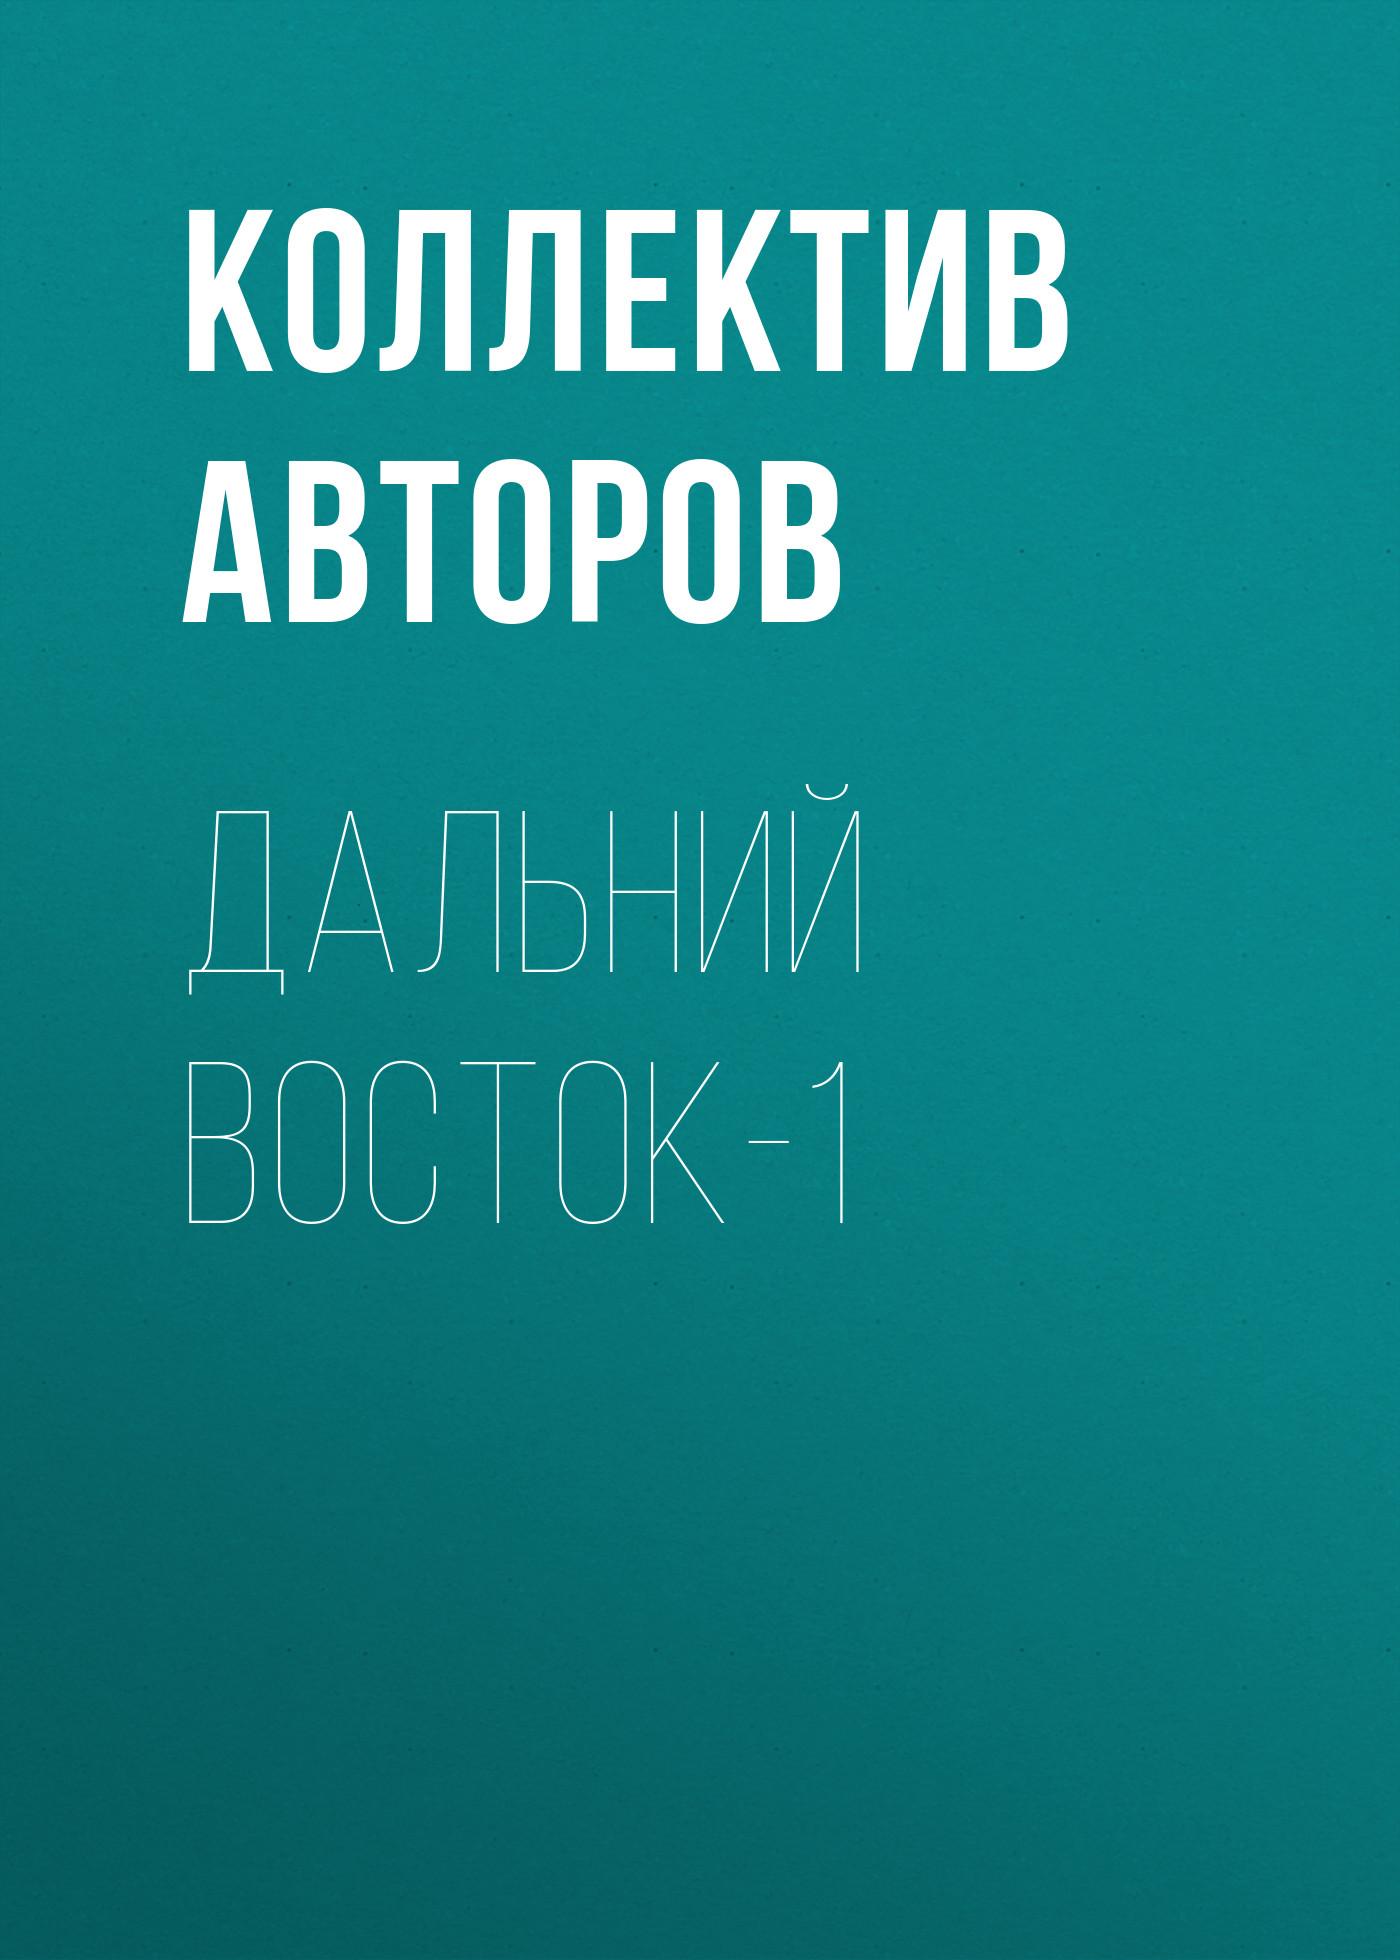 Коллекти аторо Дальний осток-1